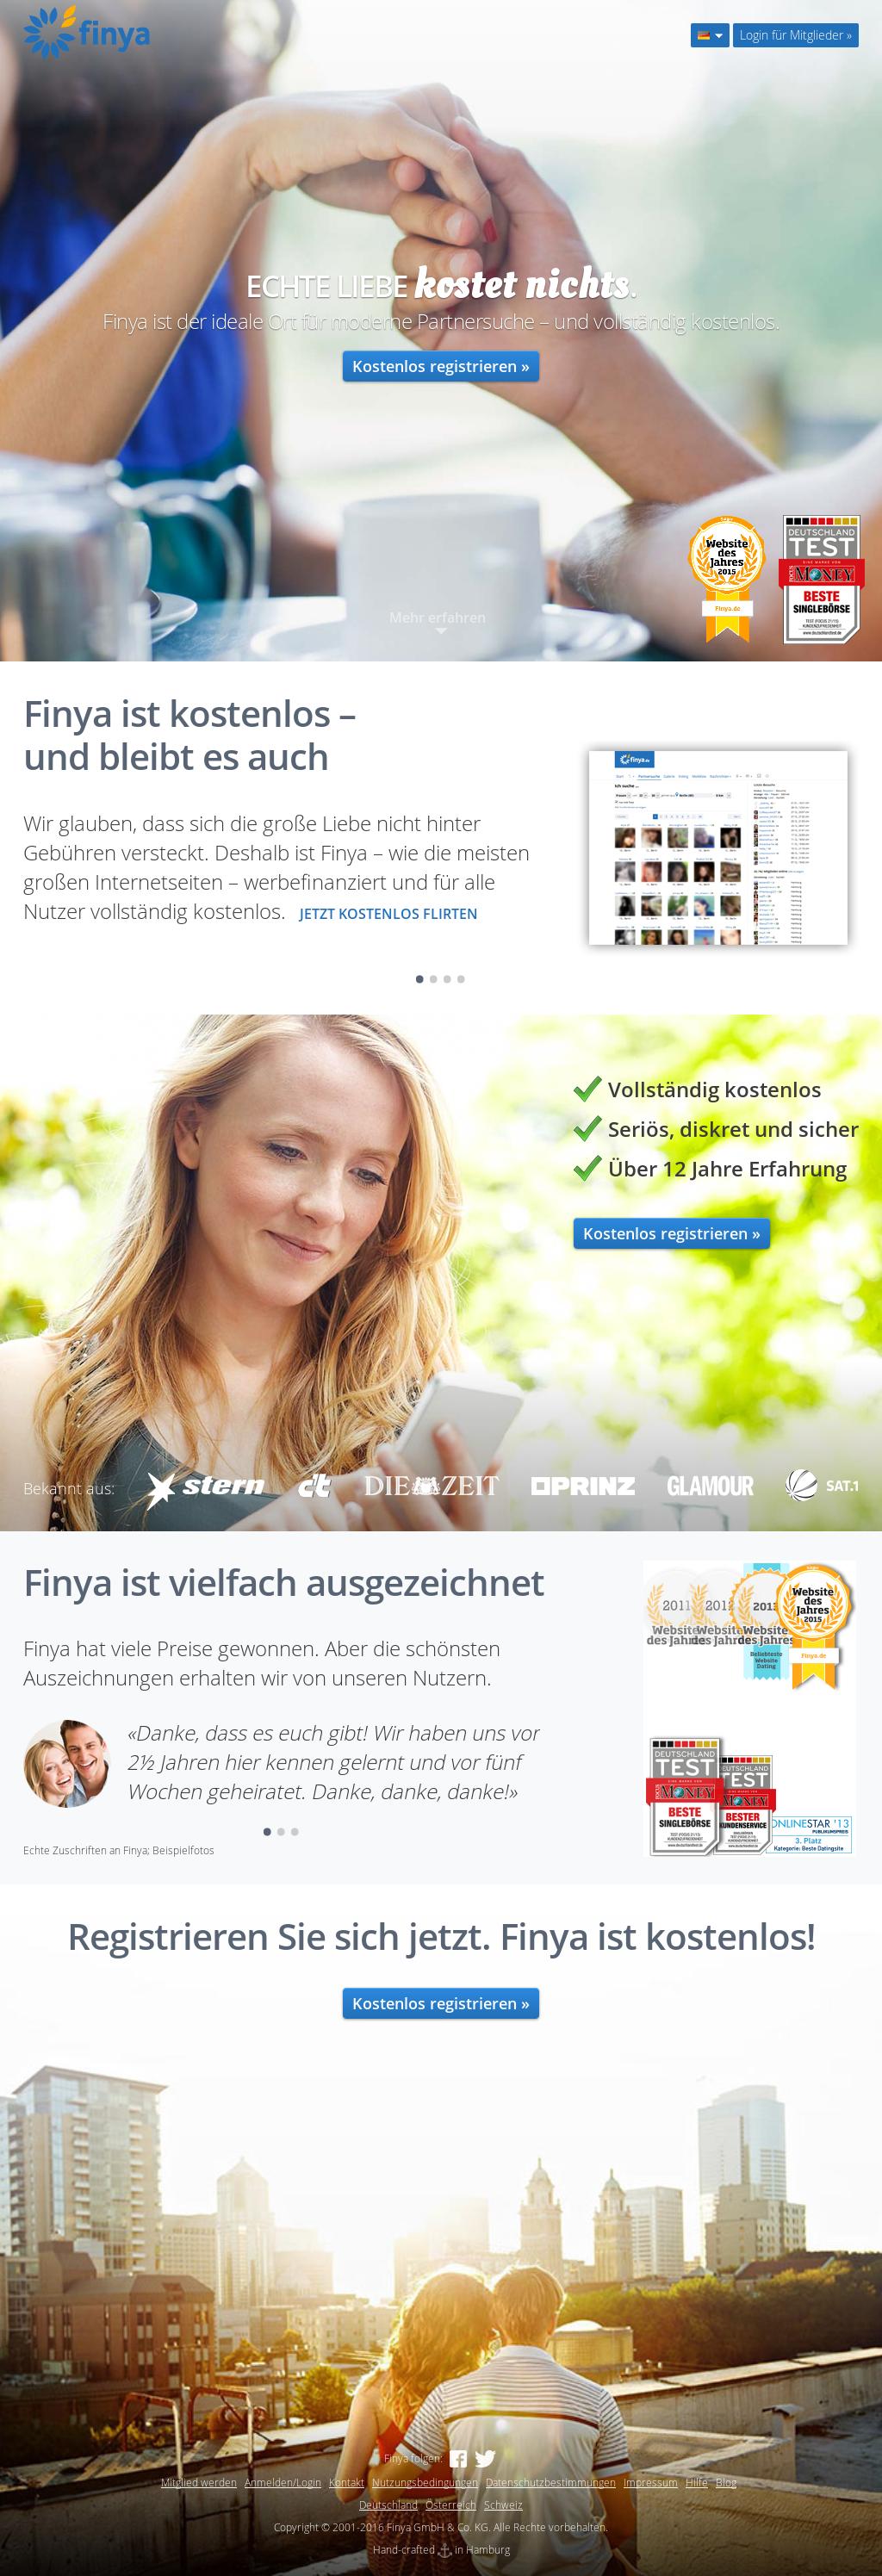 app finya